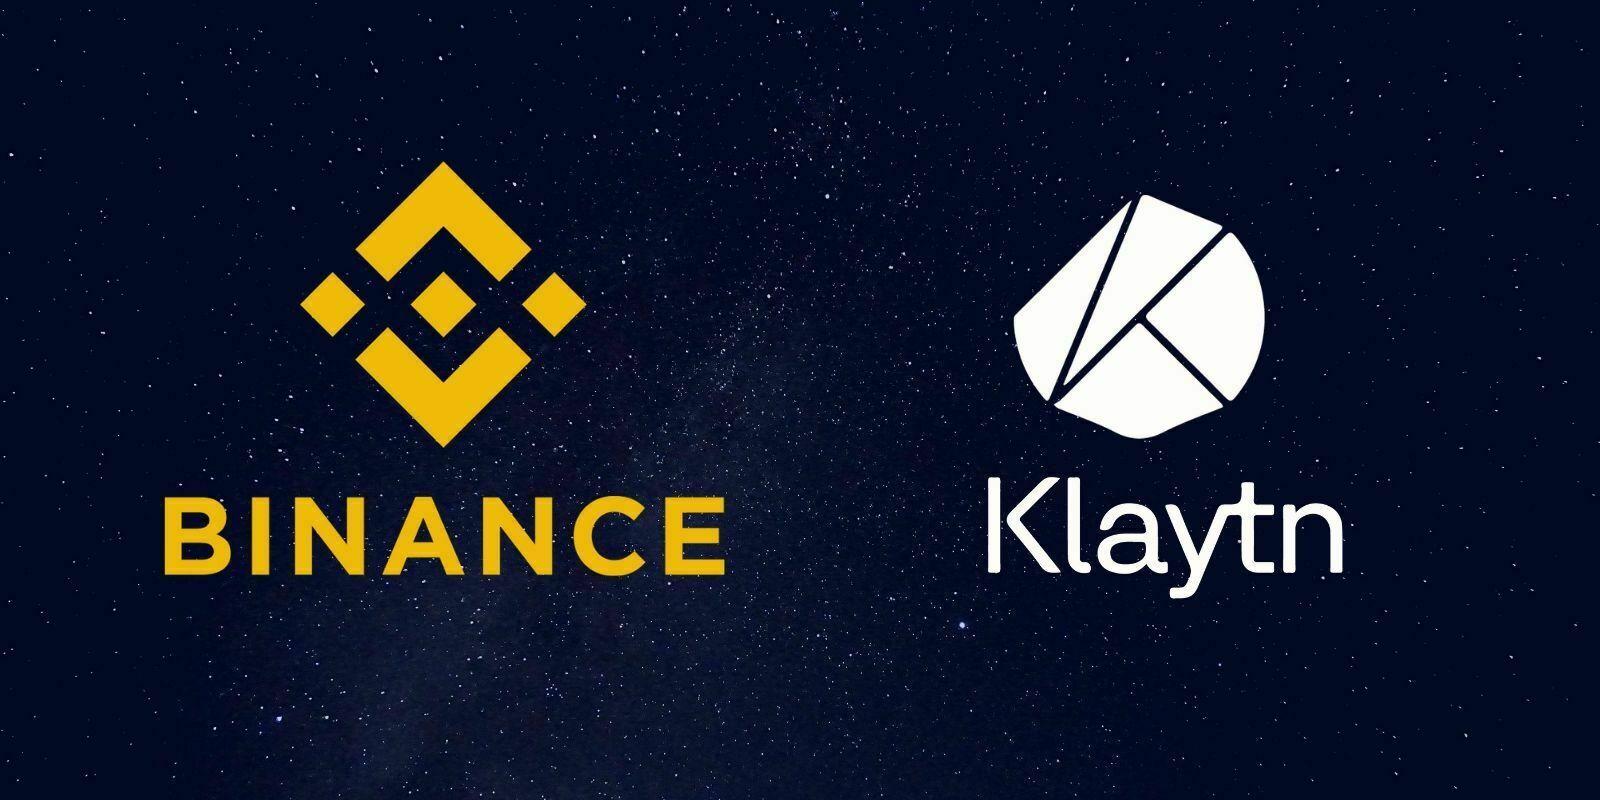 Binance rejoint le conseil de gouvernance du projet Klaytn